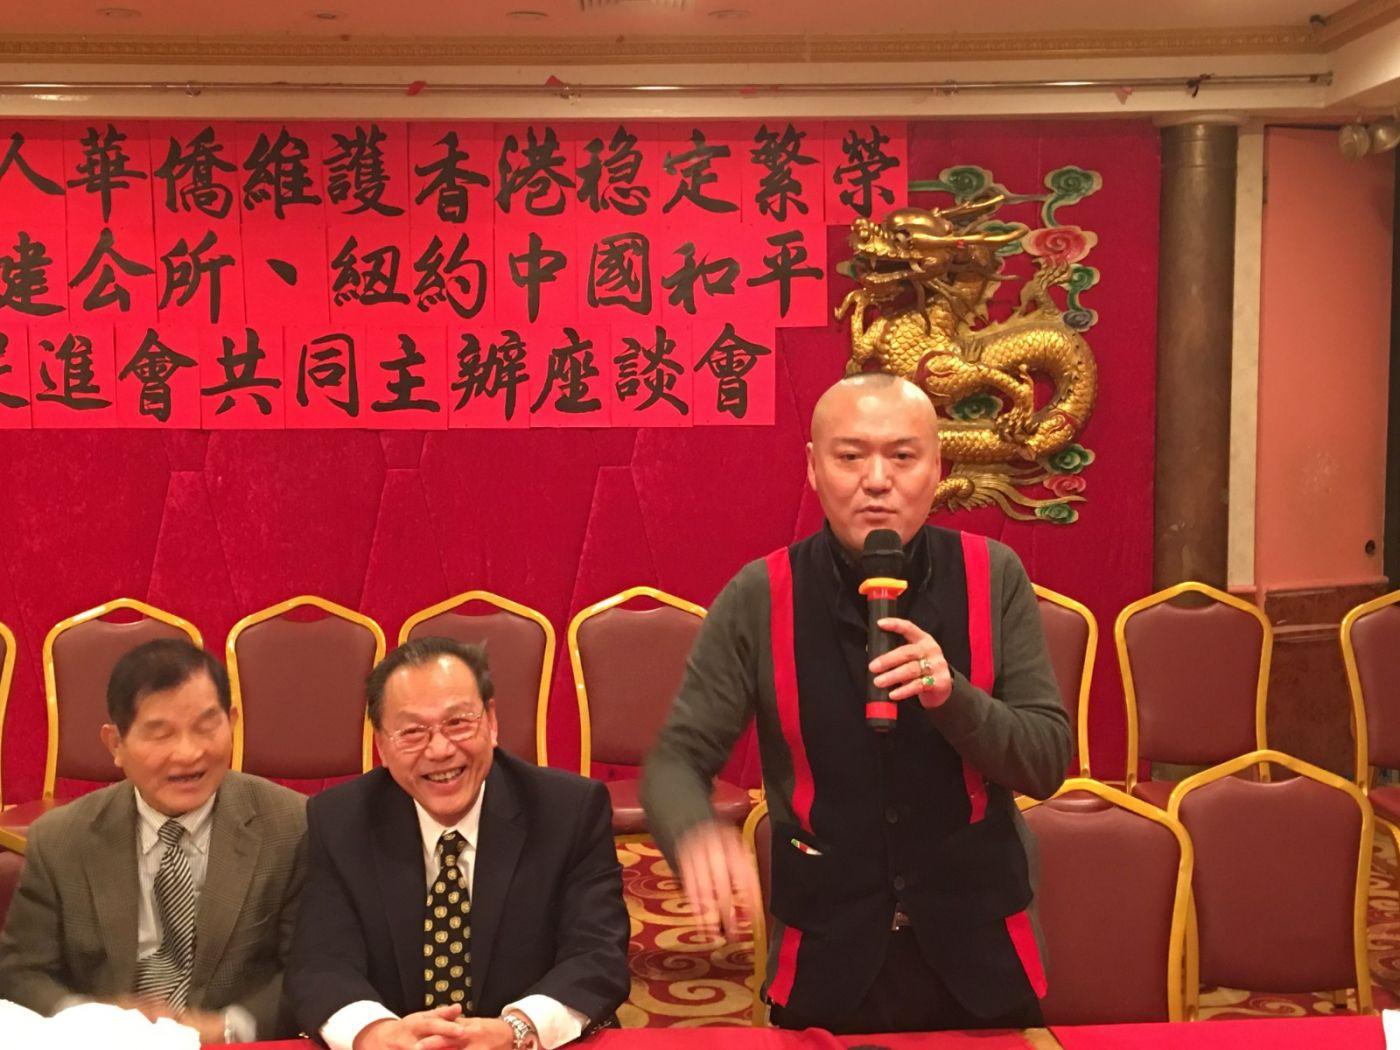 紐約華人華僑維護香港穩定繁榮座談會在紐約舉行_图1-19